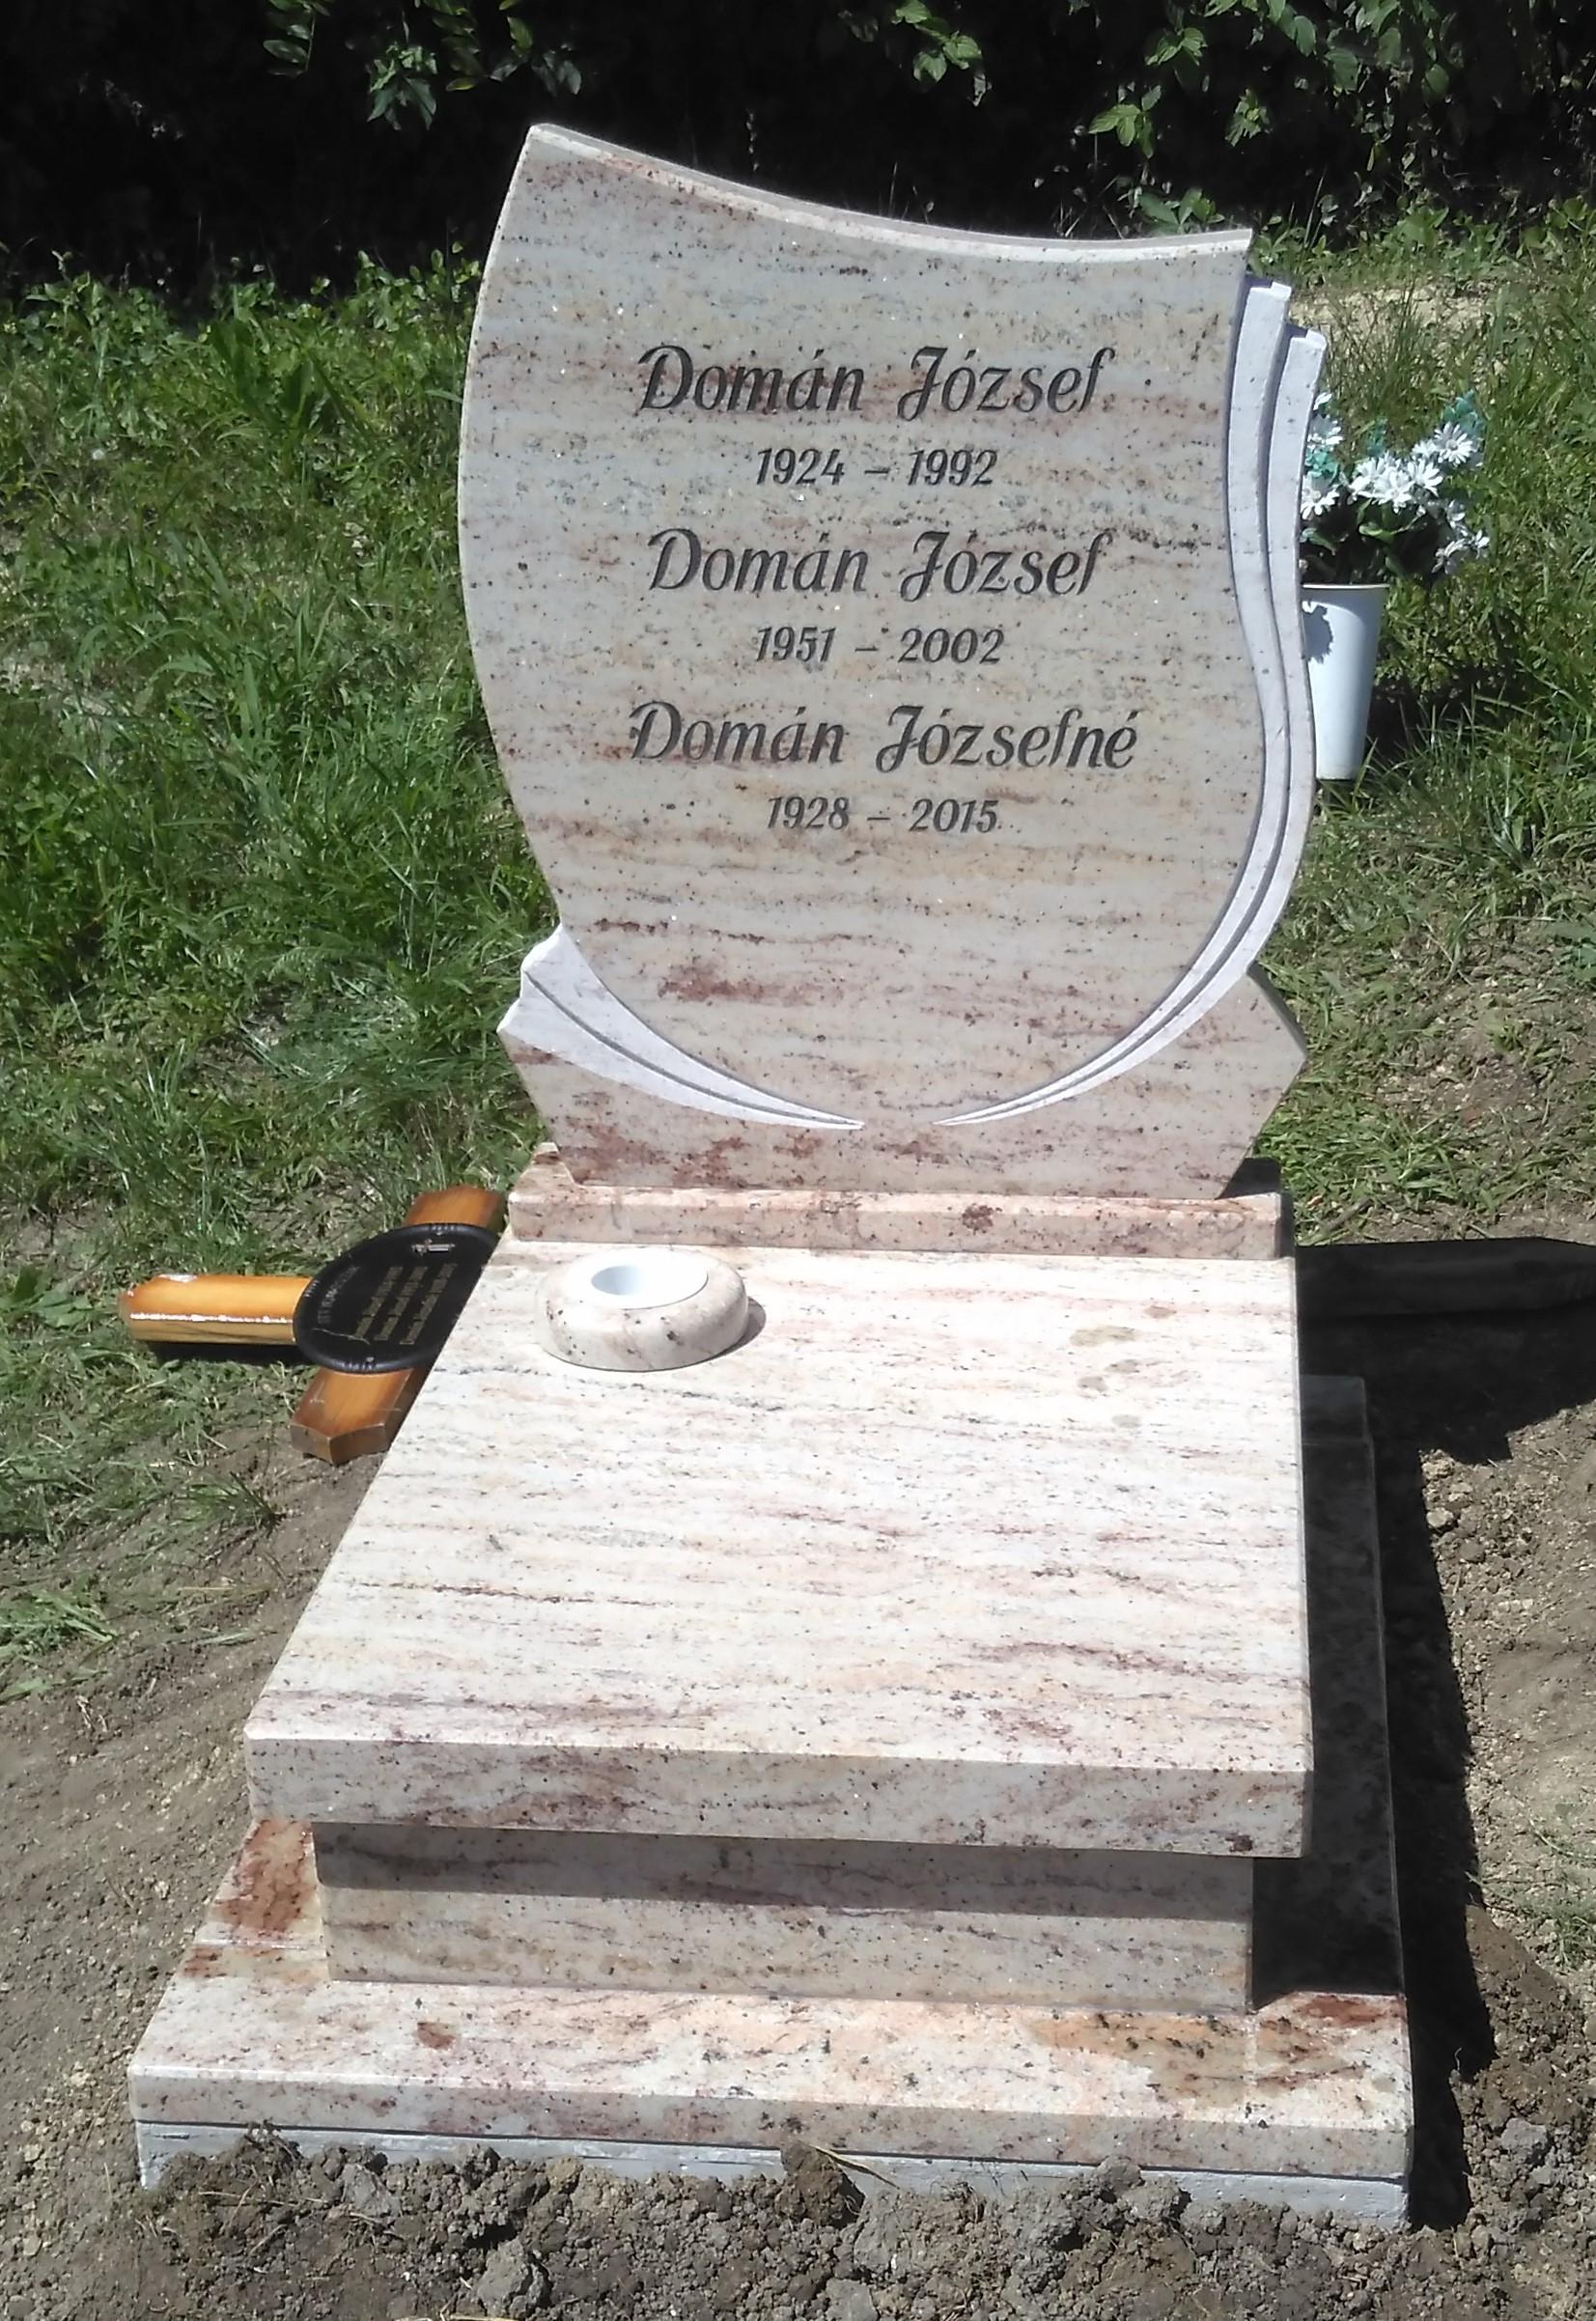 Shivakashi gránit urnás síremlék akciós ár 250.000 Ft